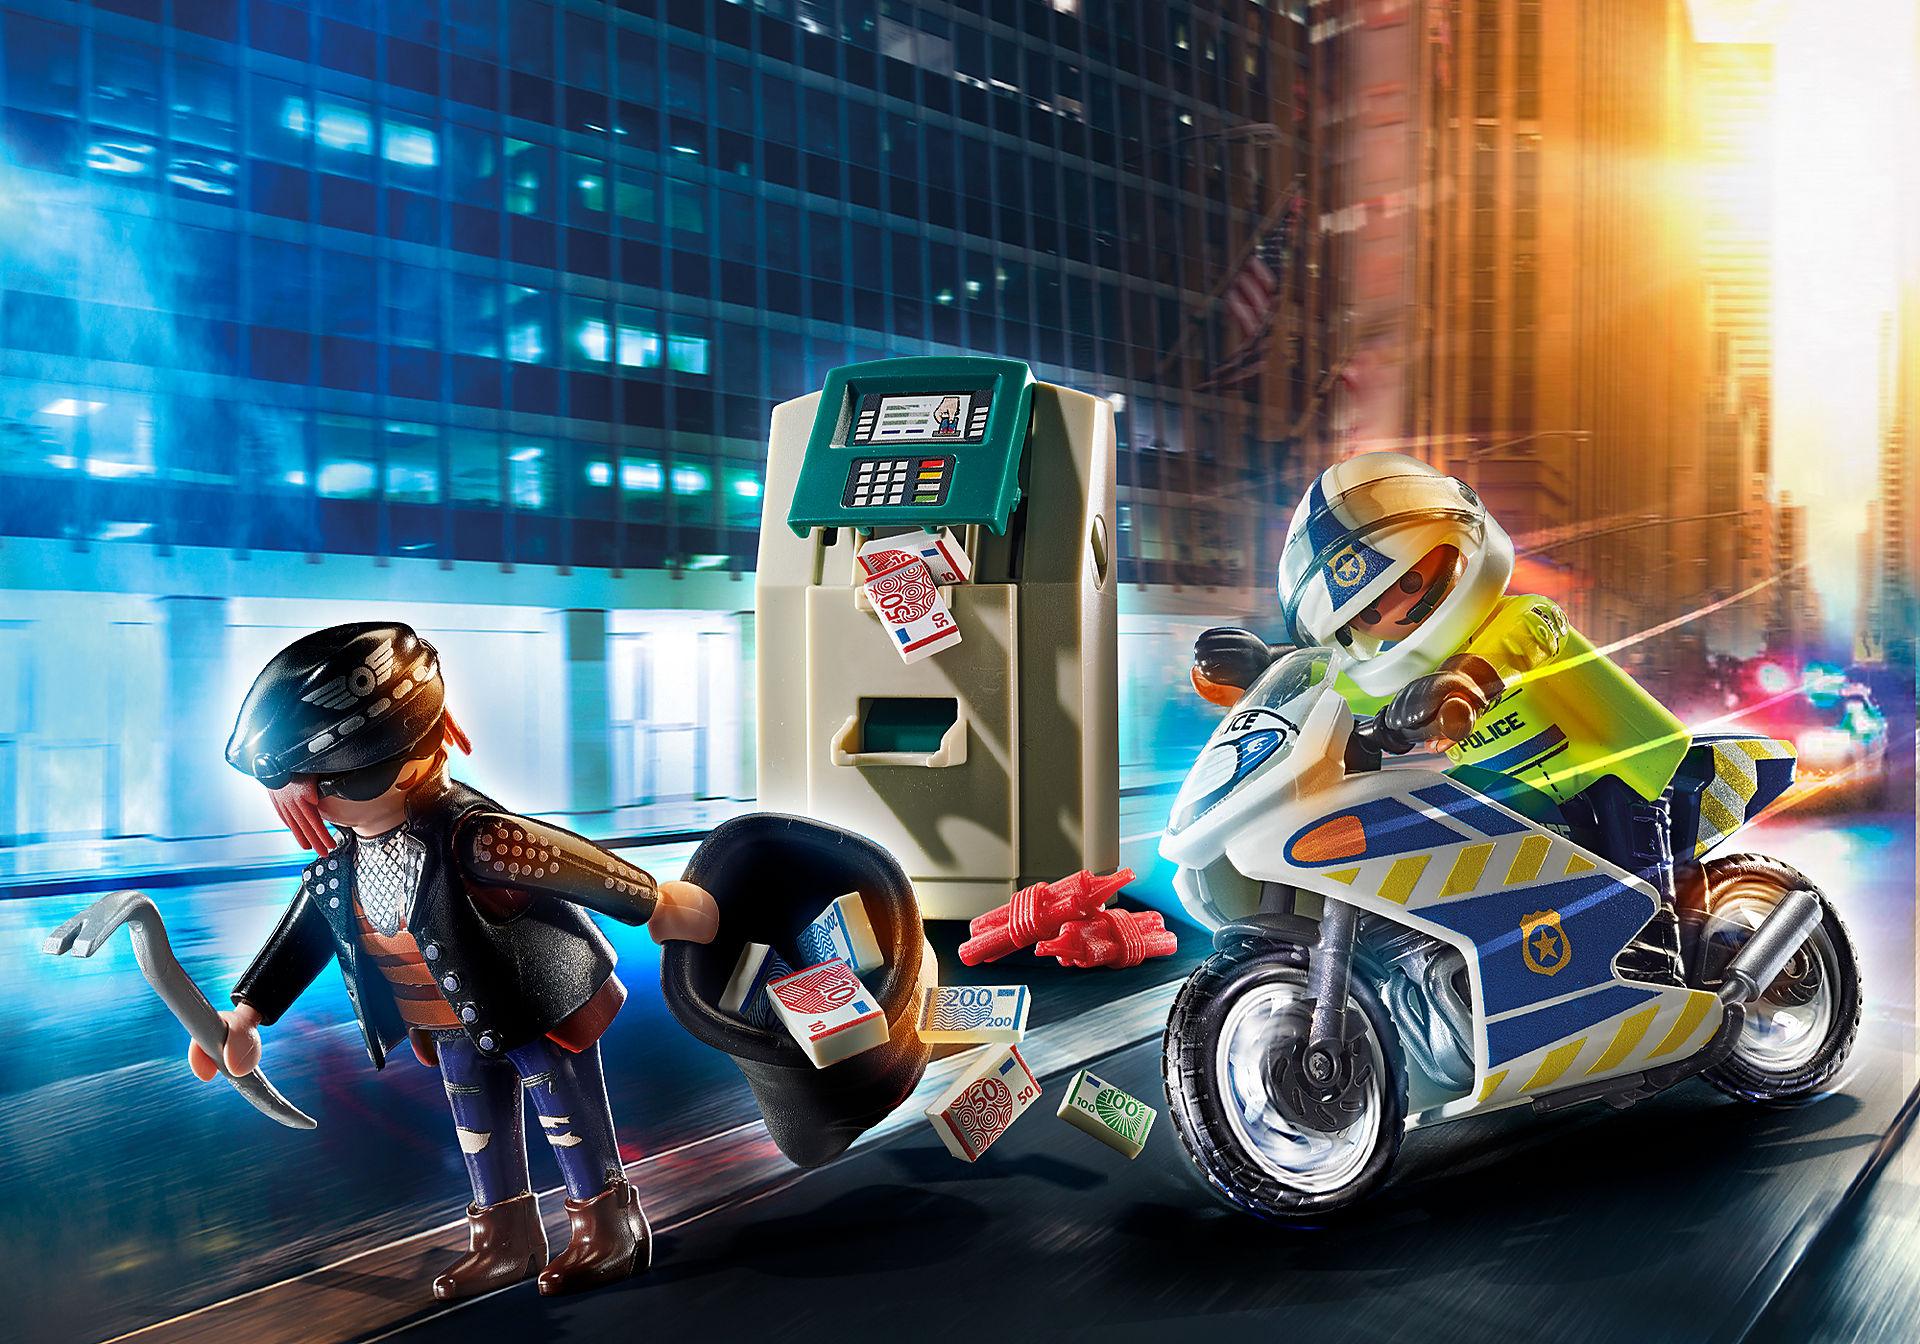 70572 Moto de Polícia: Perseguição do ladrão de dinheiro zoom image1